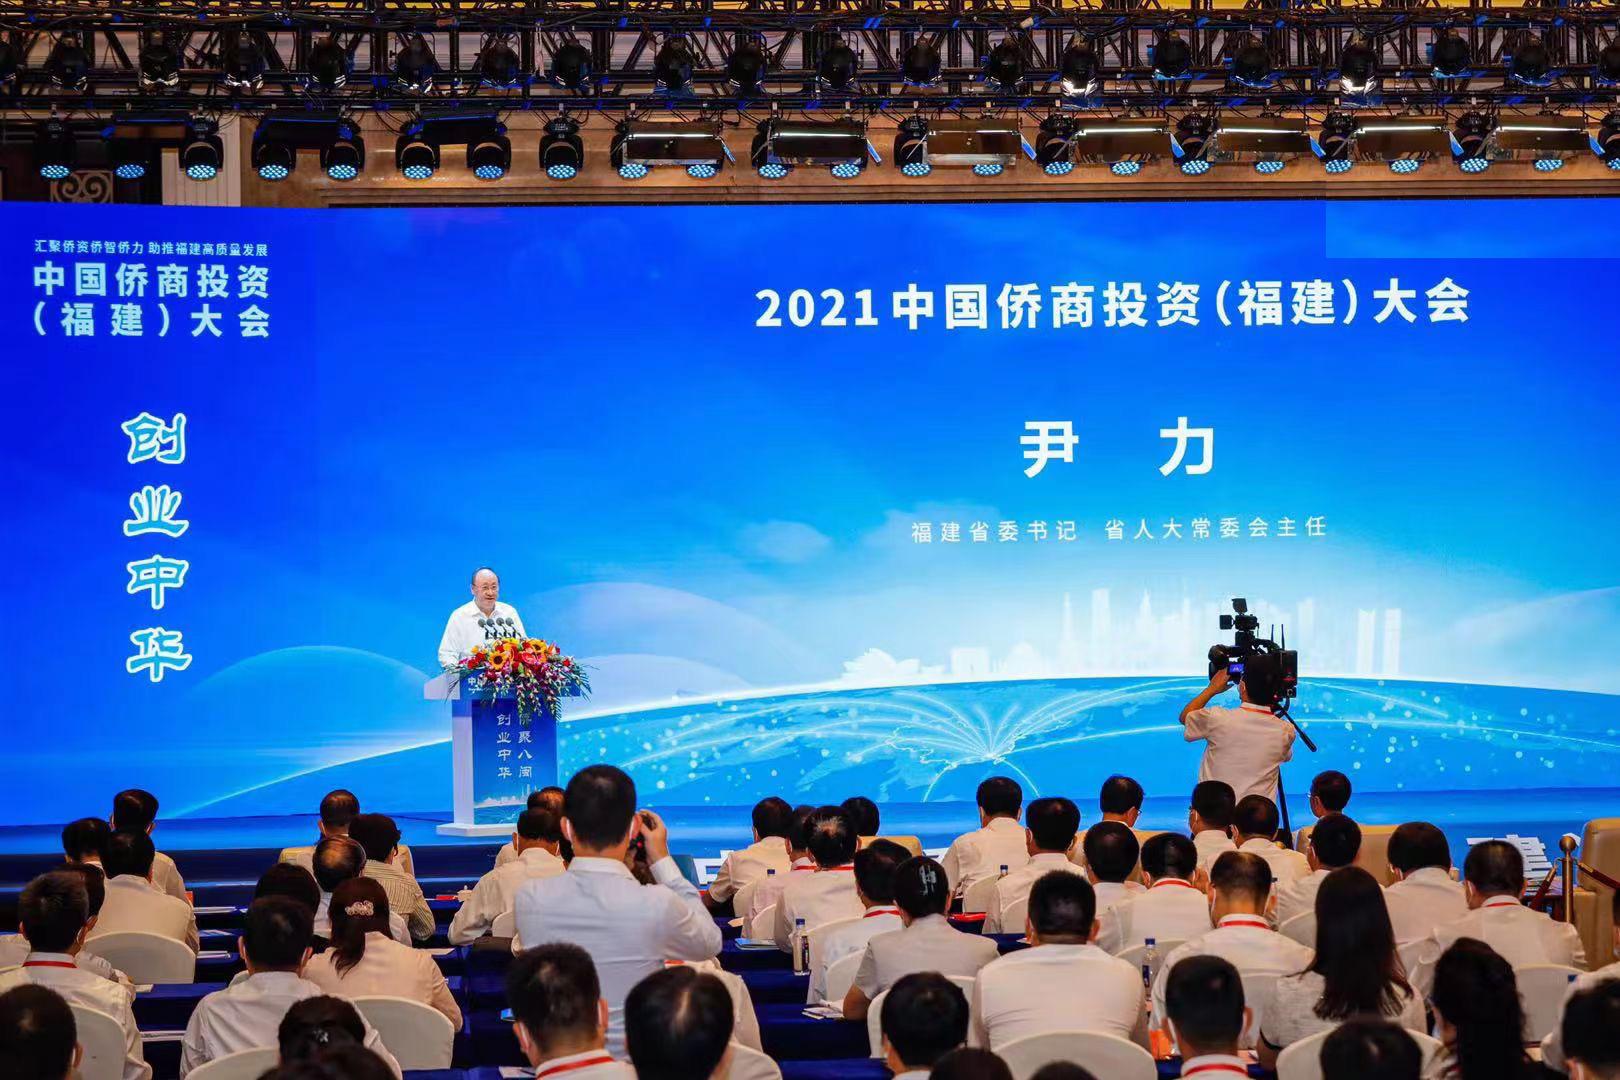 2021中国侨商投资(福建)大会上福建省委书记尹力致辞.jpg